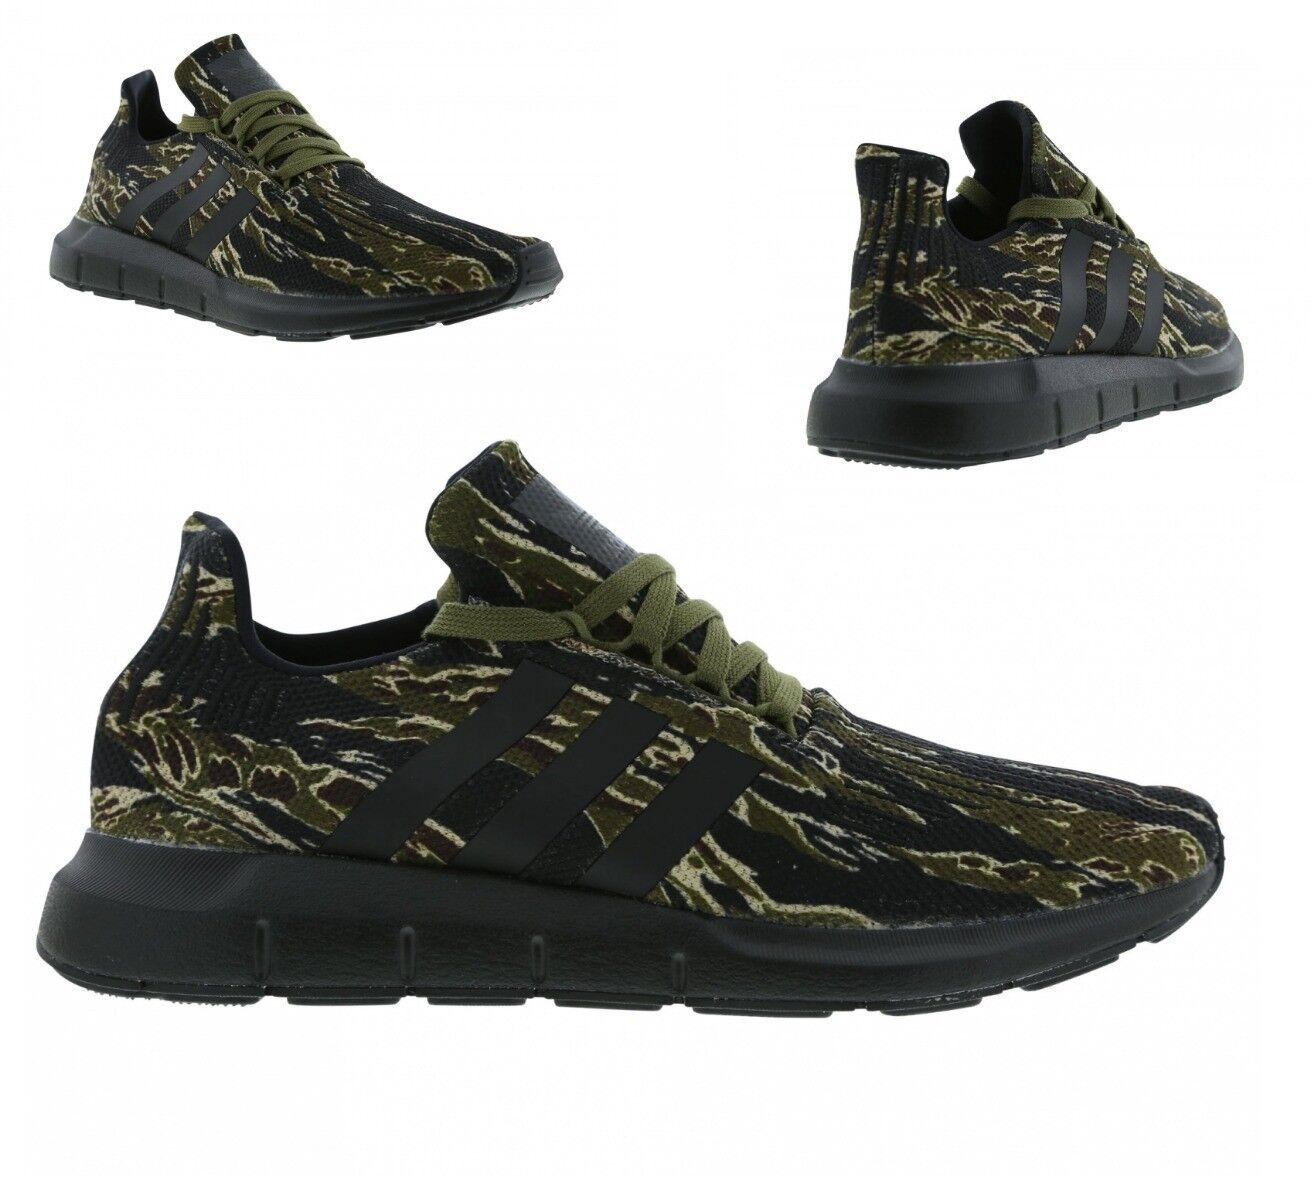 Adidas Swift Run  Uomo Running - Trainer Schuhe Größe 6.5 - Running 10.5 New  /- 219f0c